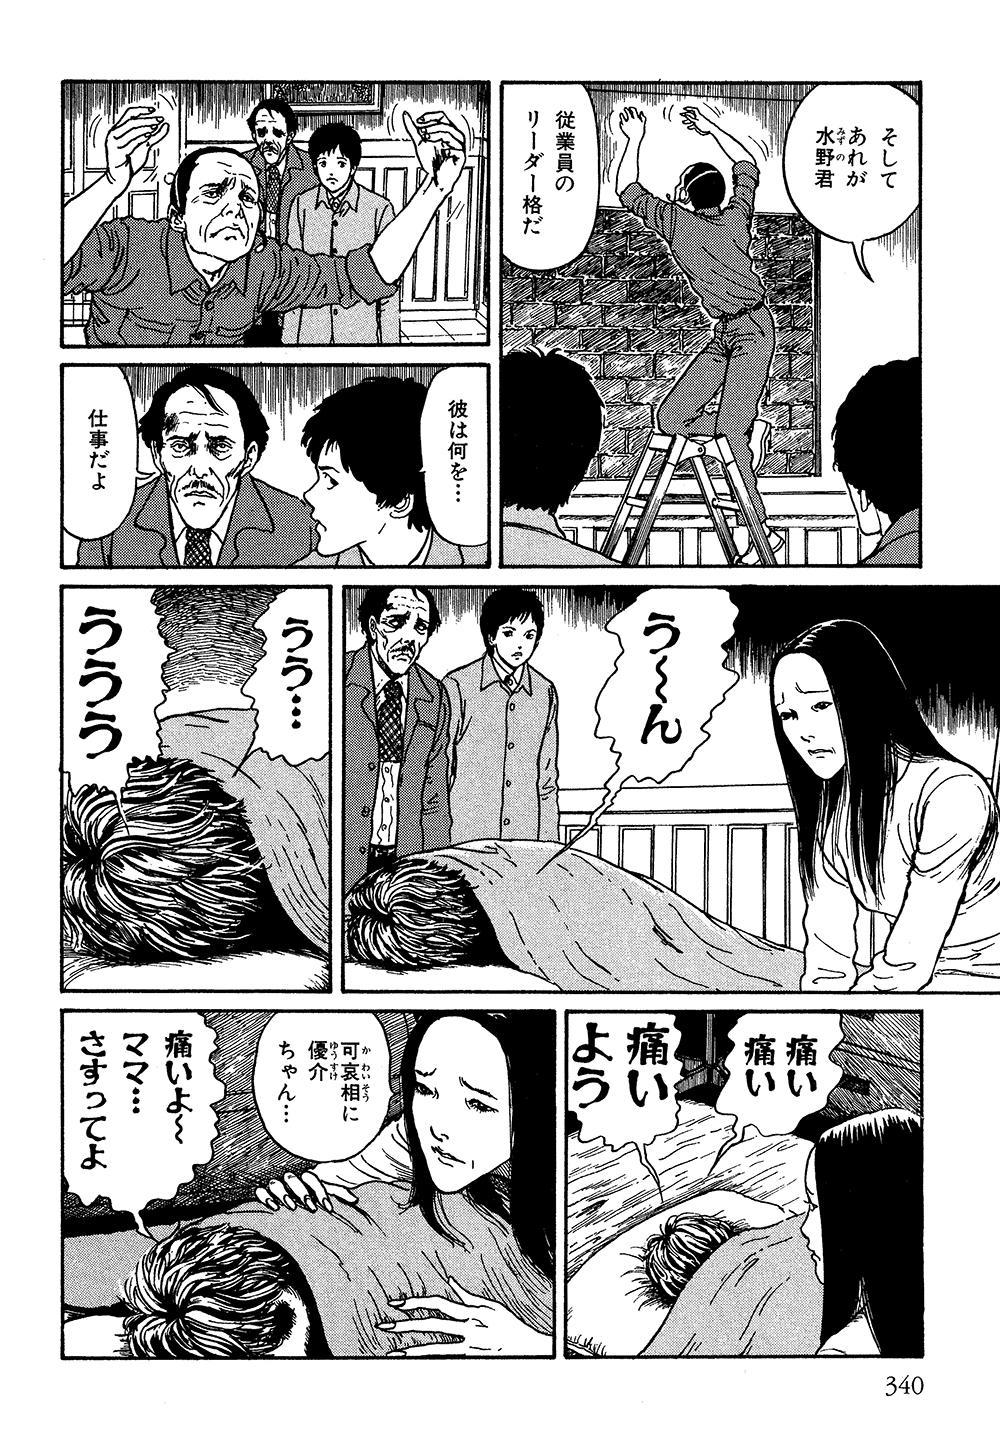 itouj_0004_0342.jpg